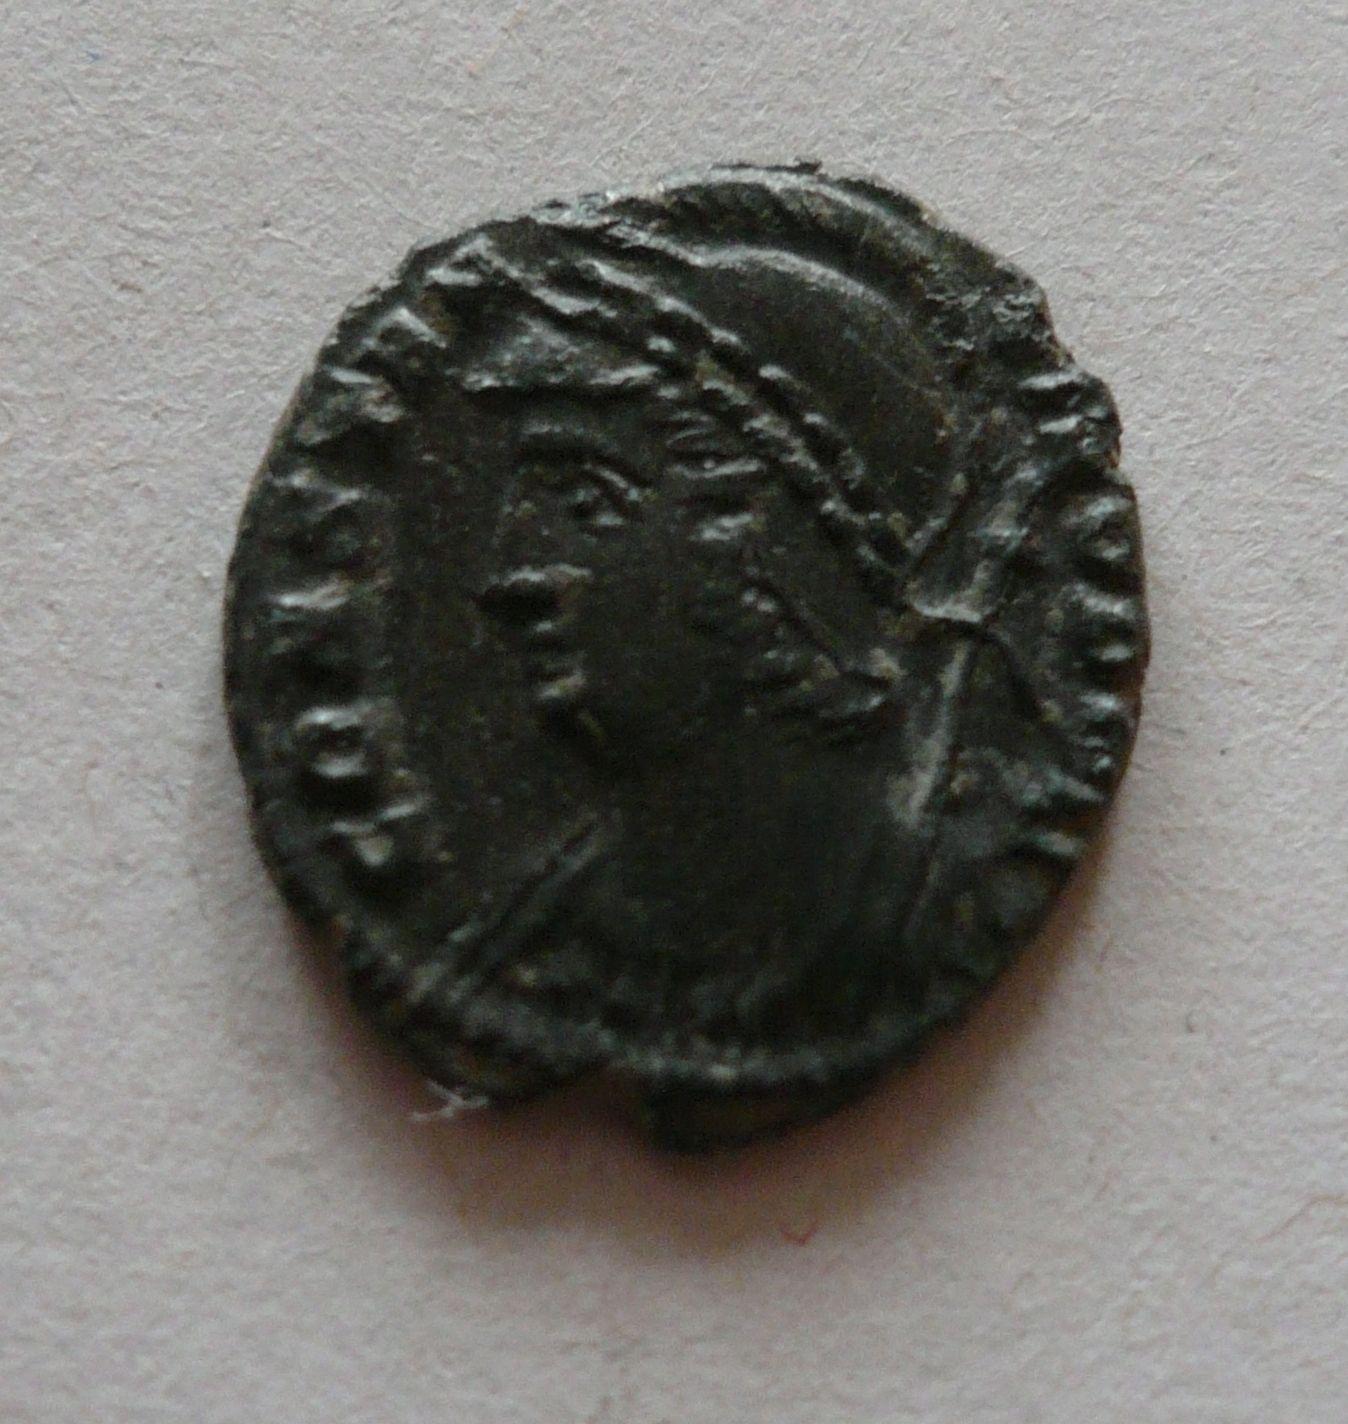 pamětní ražba, Urbs Roma, Řím, Sear 17.523, Řím-císařství, 330-46